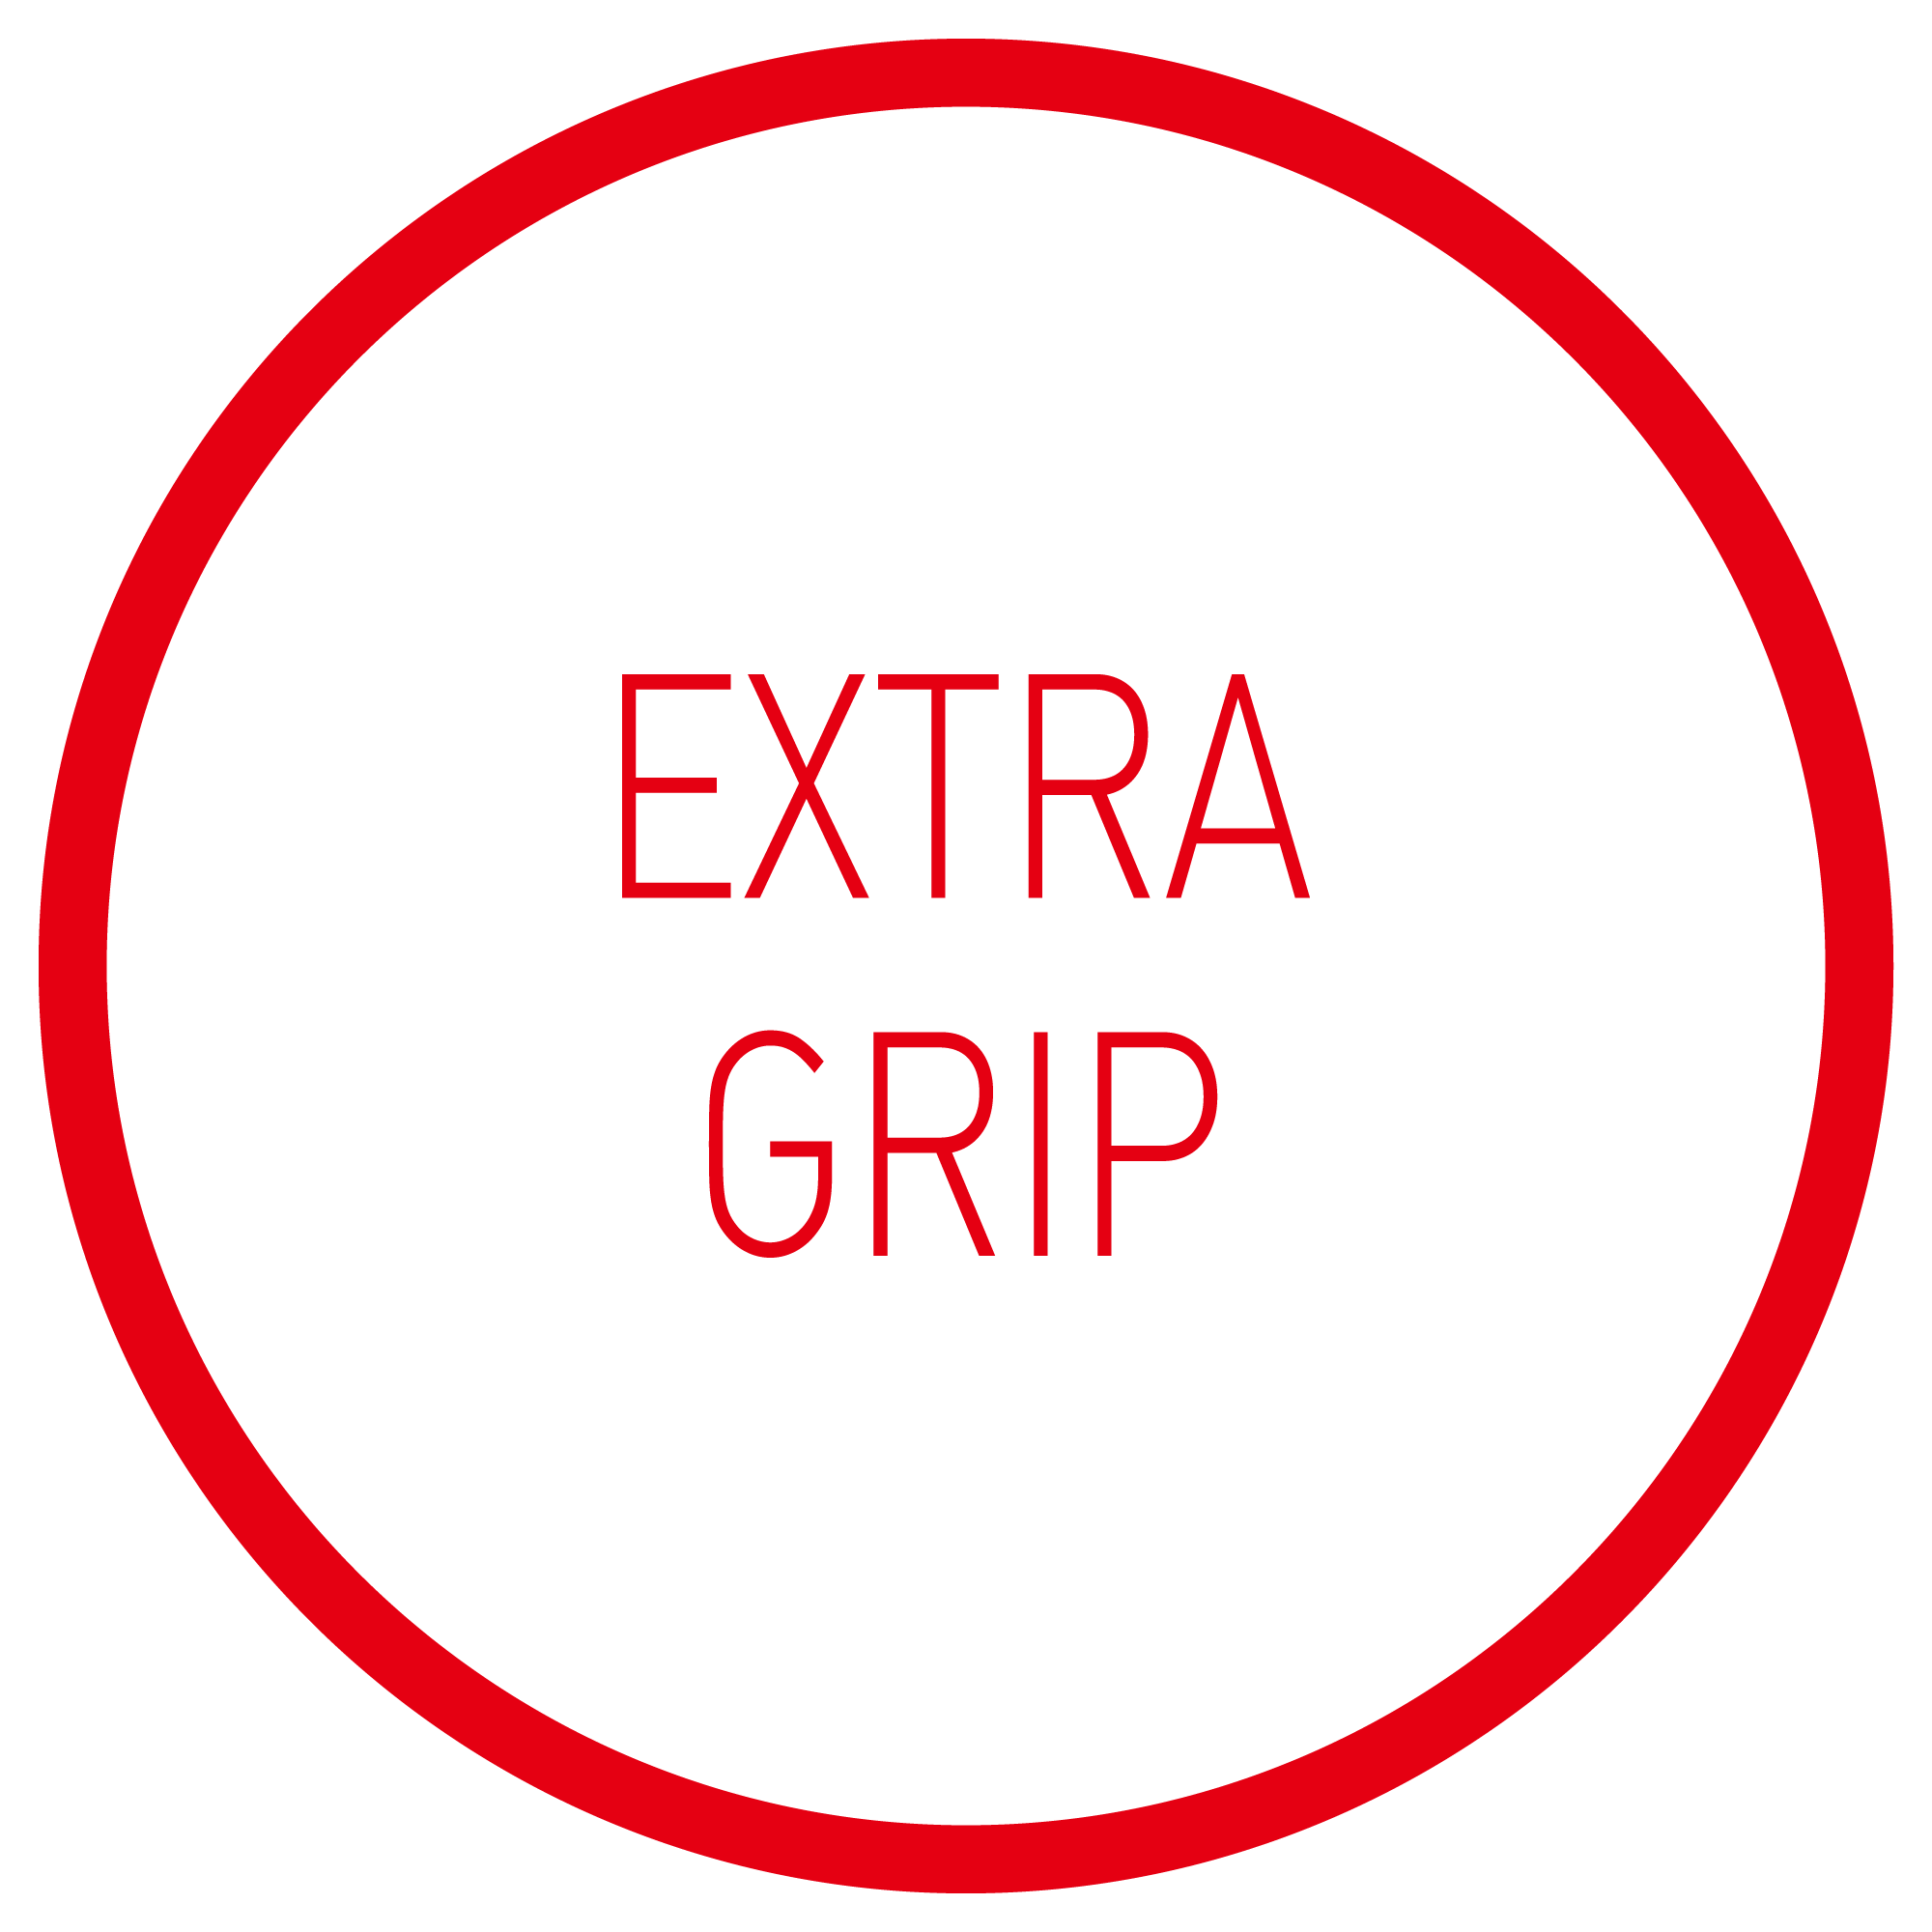 Selle-Italia-icon-13-extra-grip